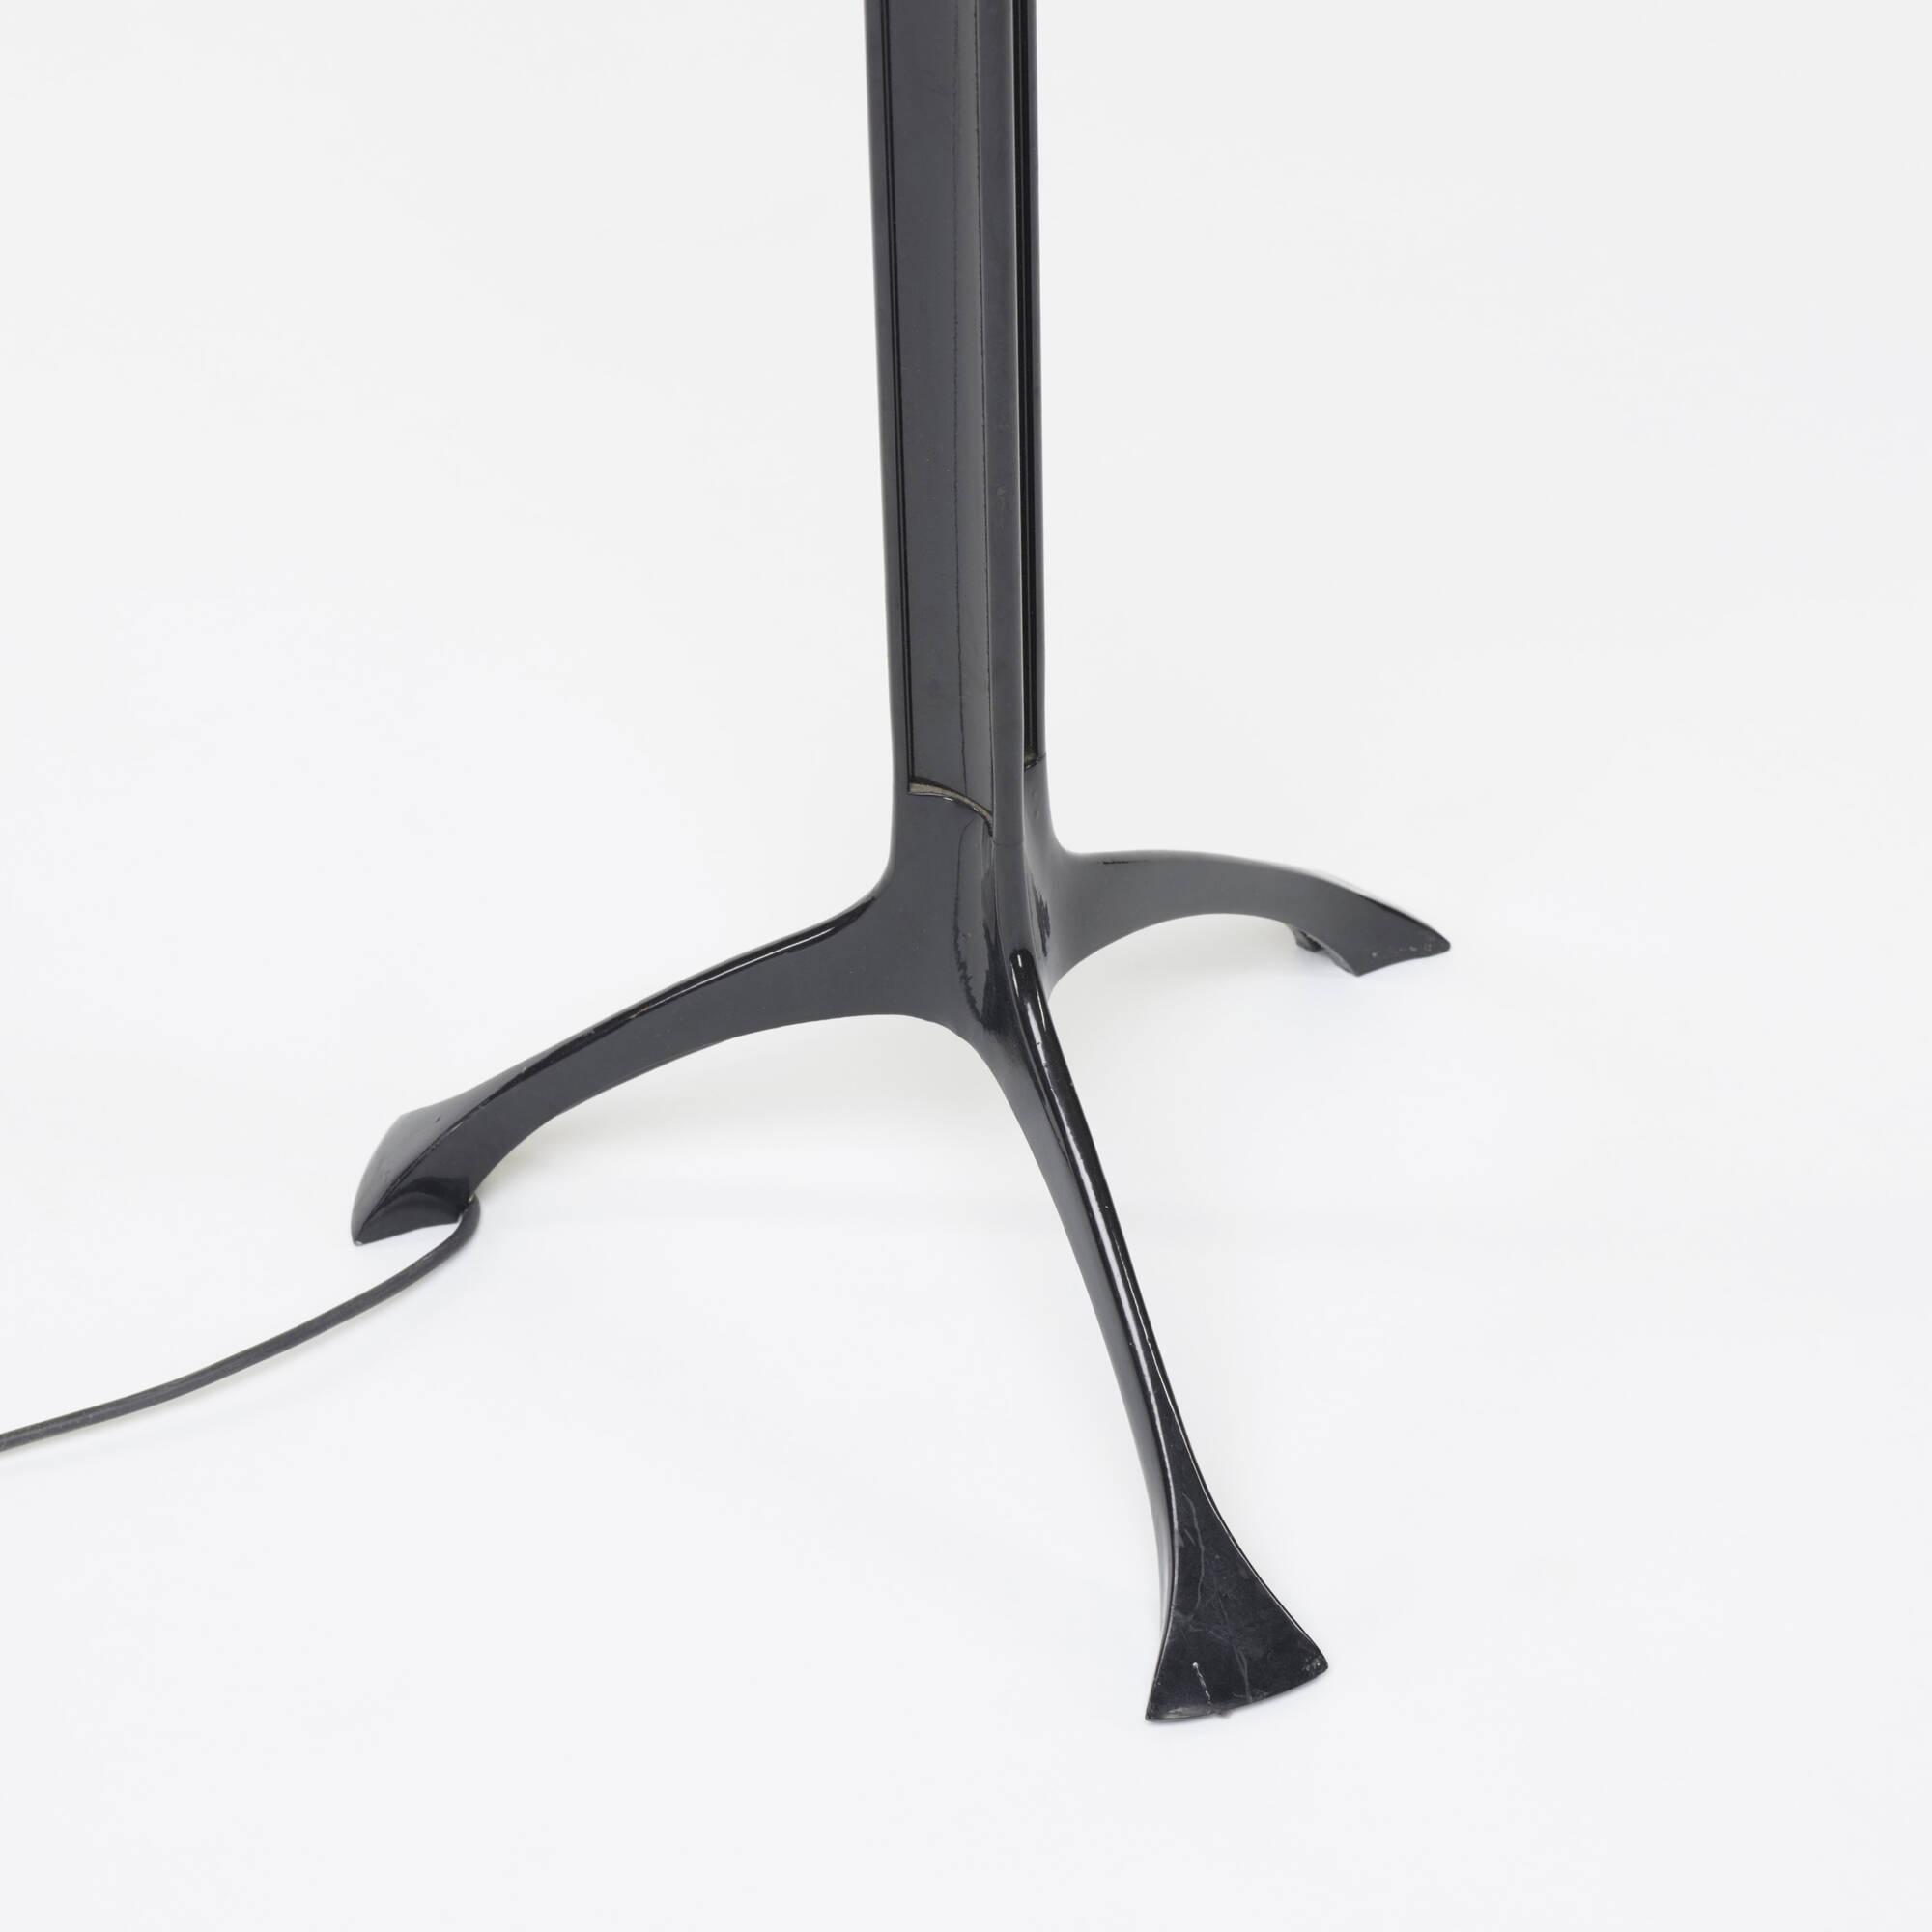 159: Angelo Mangiarotti / Tekne floor lamp (2 of 2)